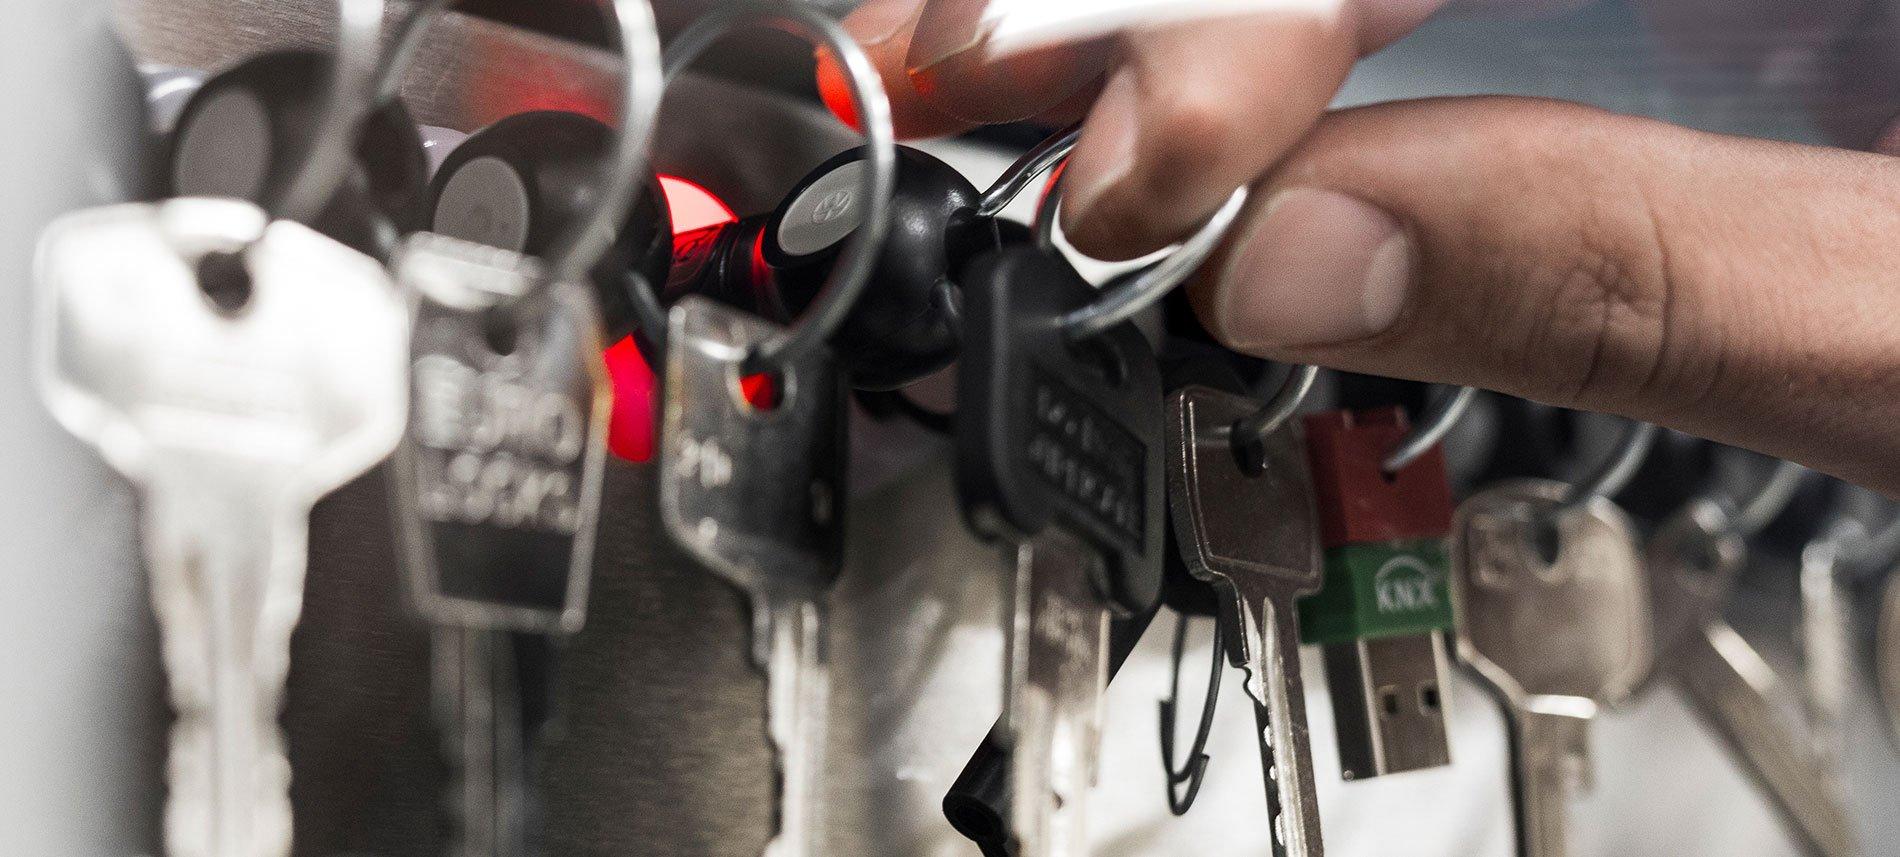 KeyTracer-key-control-system